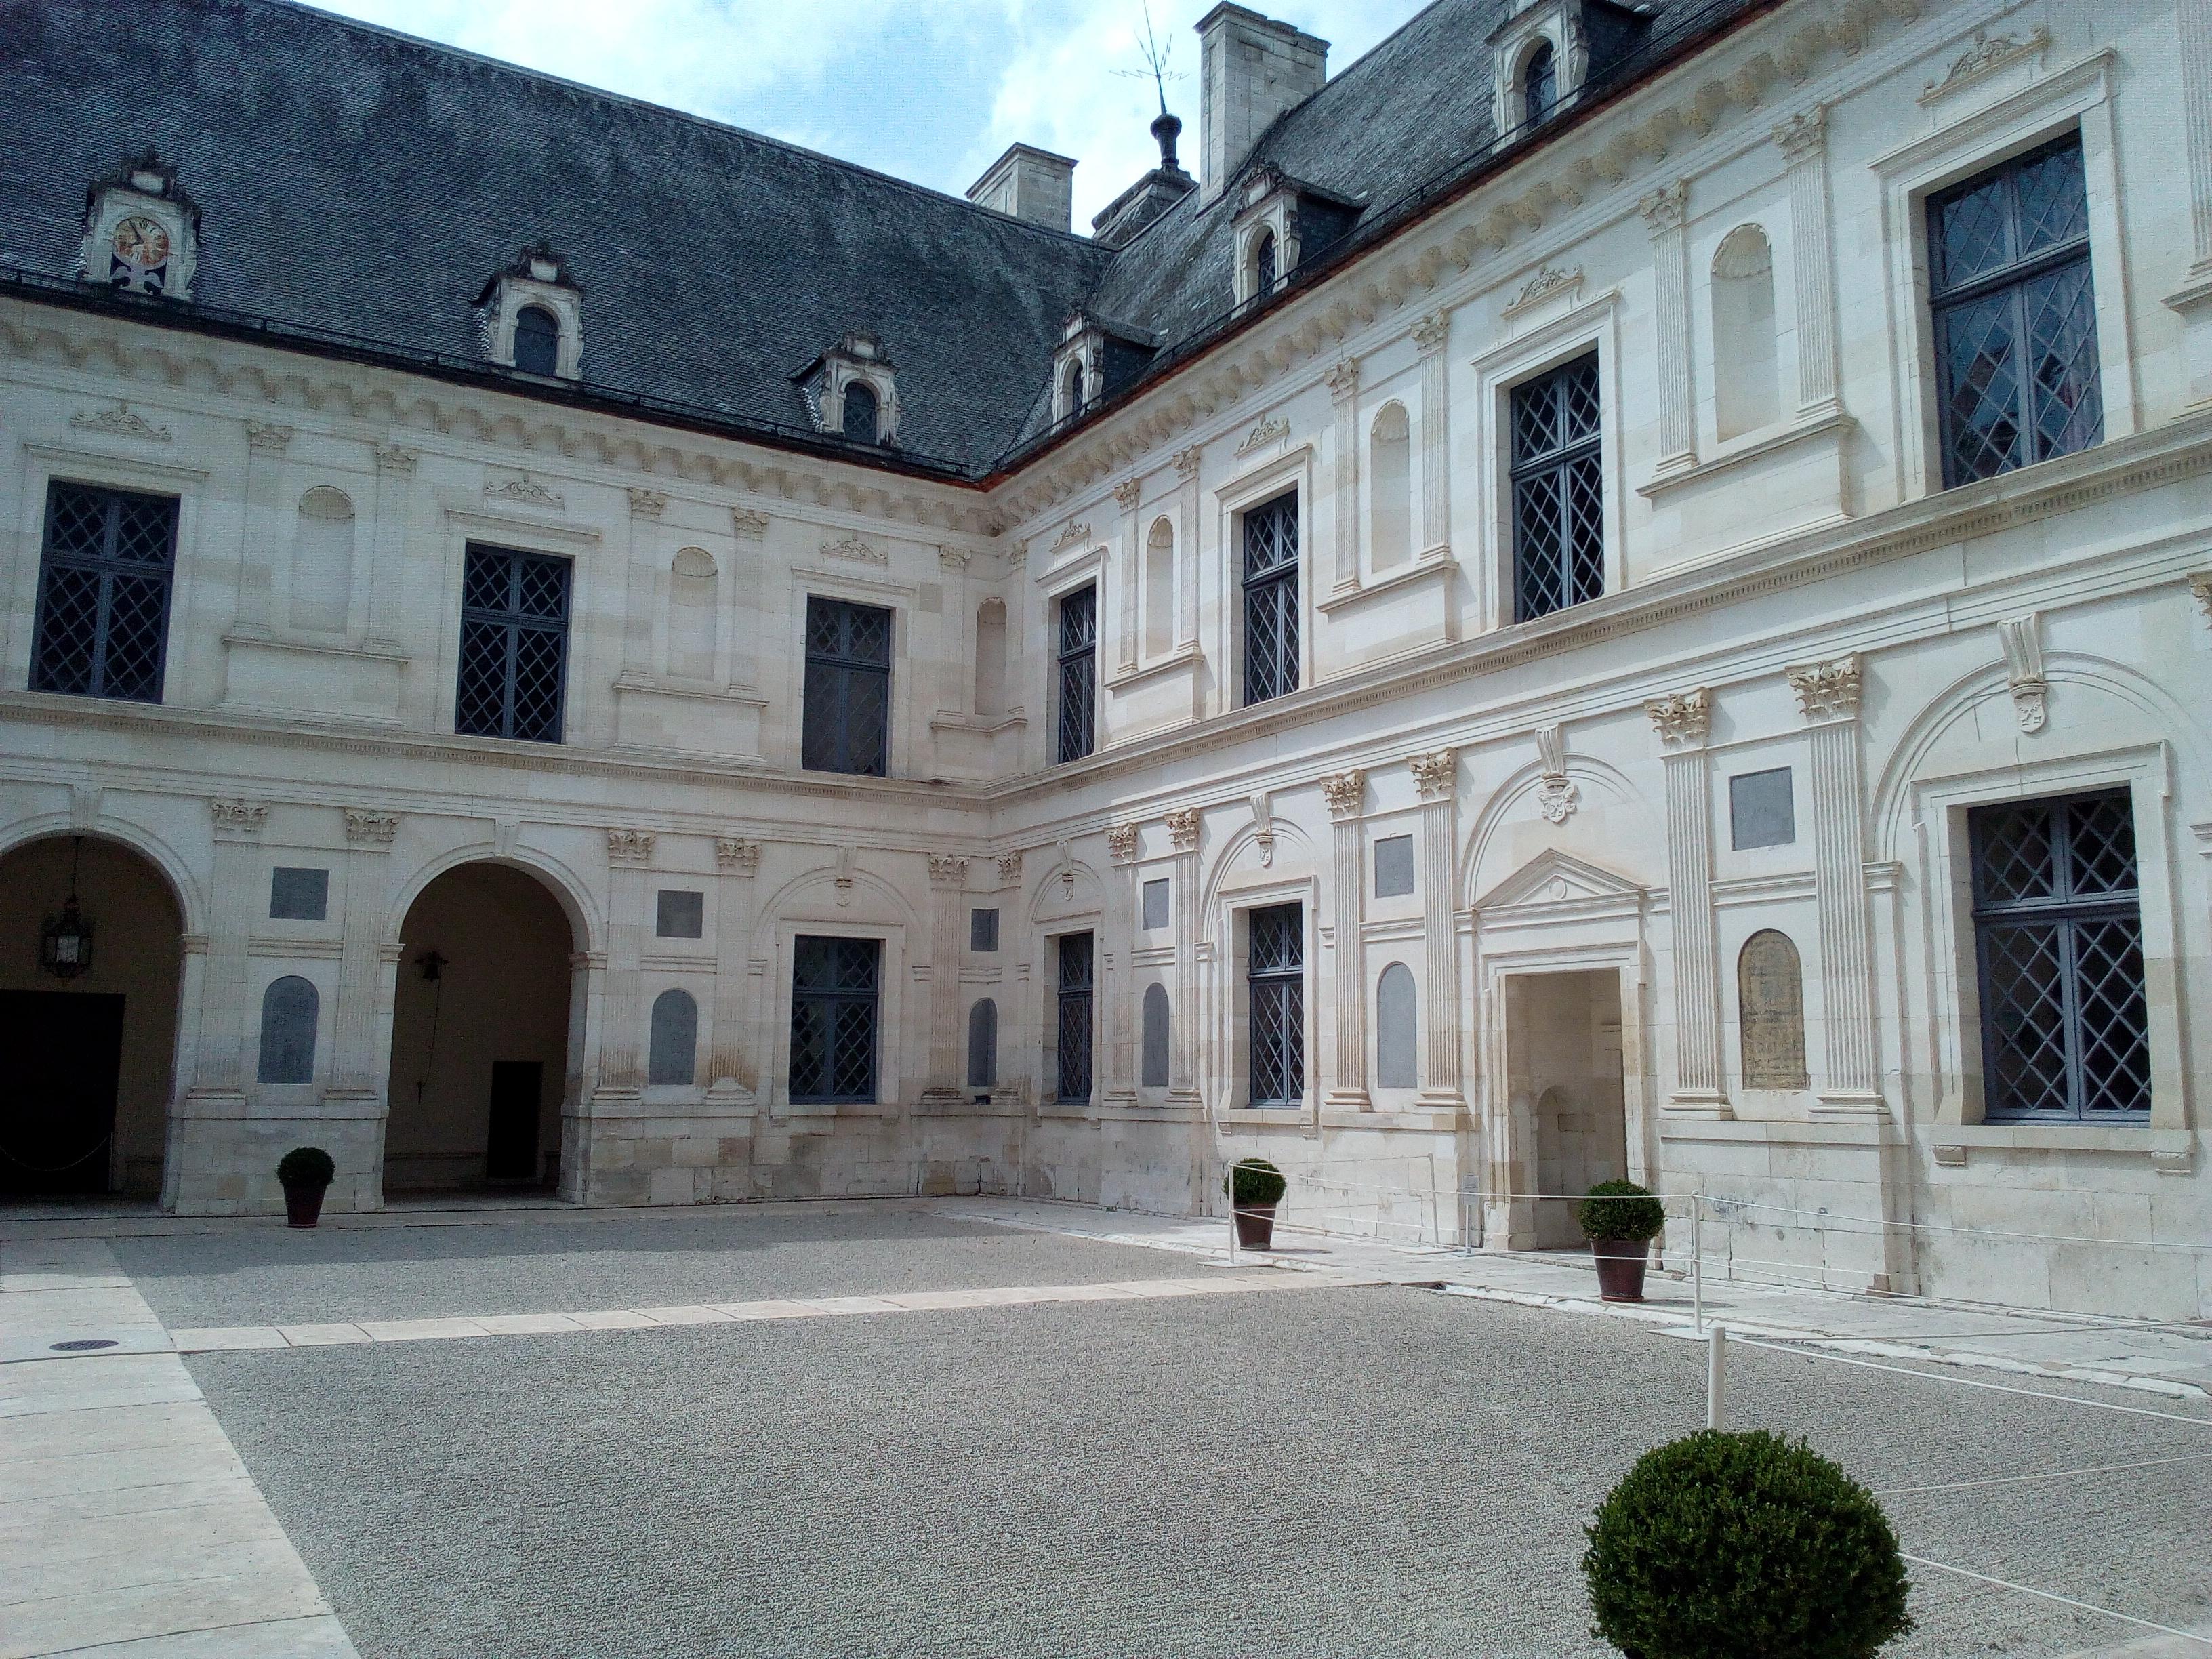 Château d'Ancy-le-Franc cour intérieure